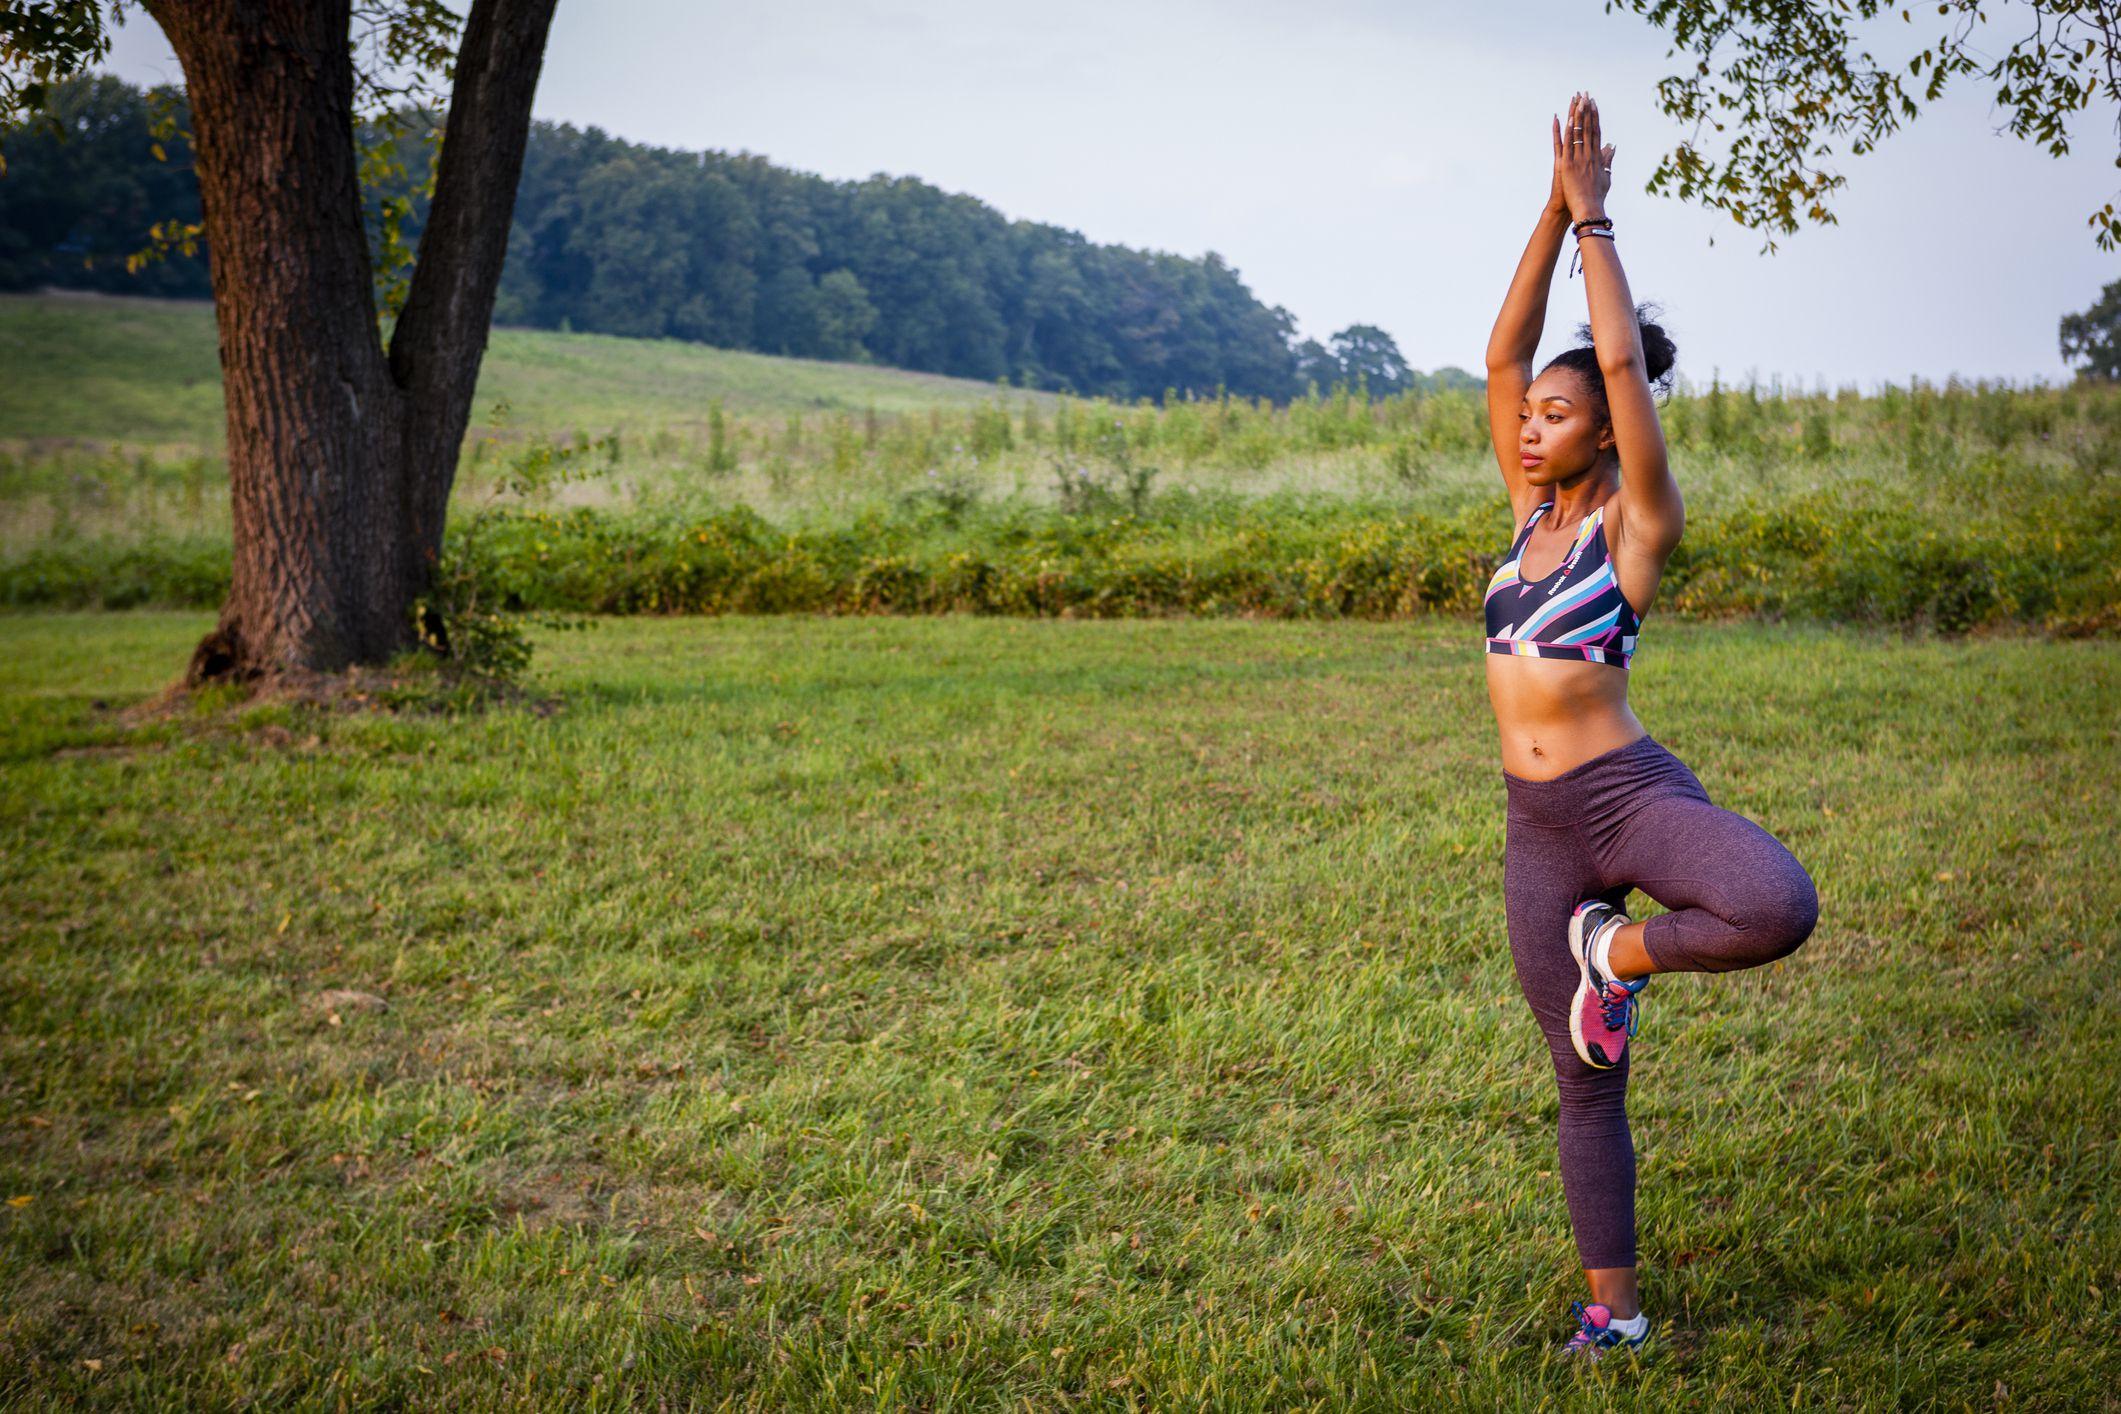 5 Exercises for Better Balance